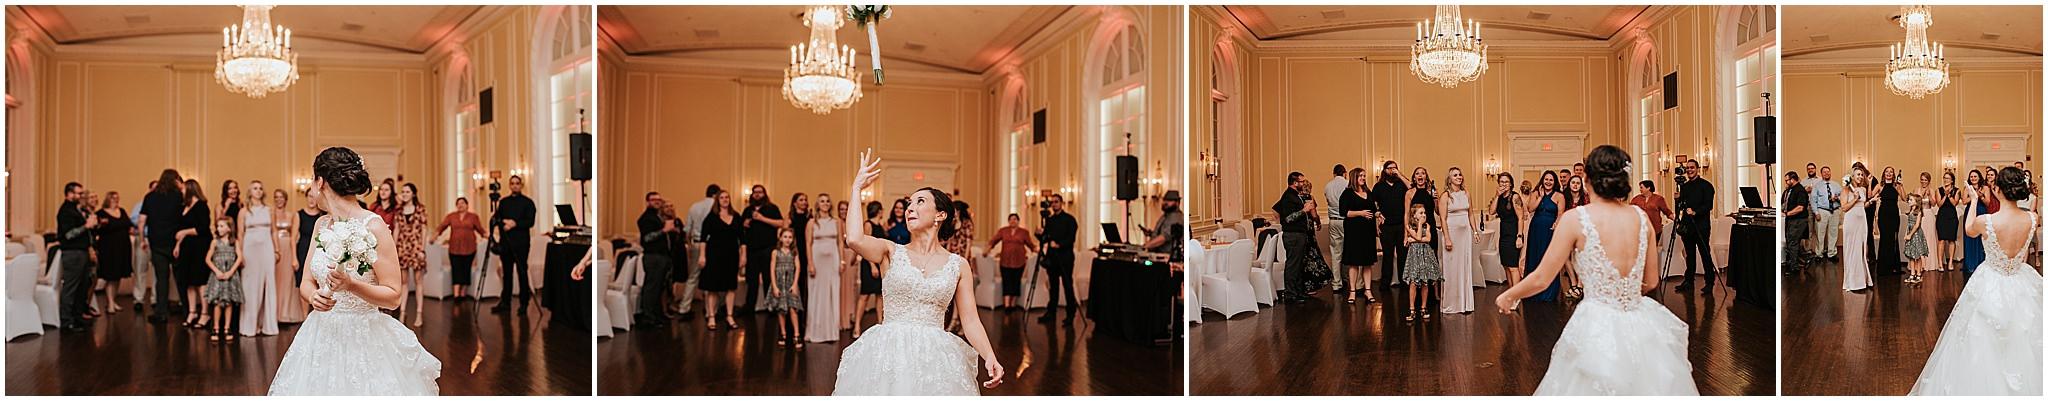 Maria & Brandon The Patrick Henry Ballroom Roanoke VA 340